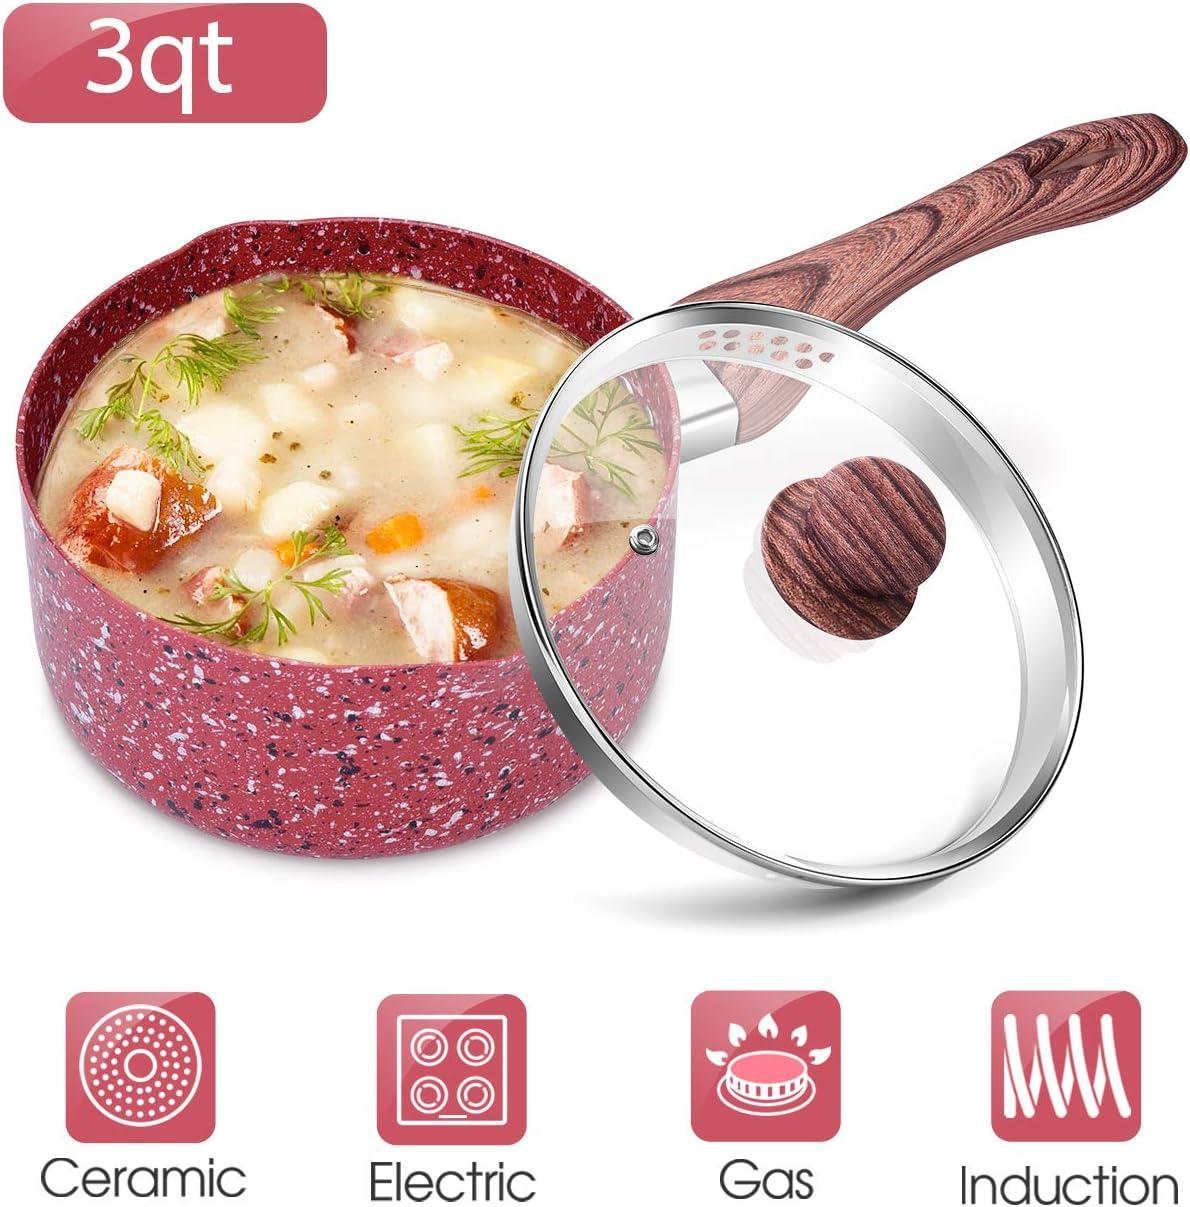 3 Quart Nonstick Saucepan with Lid - Granite Stone Coating Sauce Pan with Pour Spout, Induction Cooker Compatible, 3QT Soup Pot for Stew Dish, PFOA PFOS PFAS Free, Ergonomic BakeliteHandle, Red